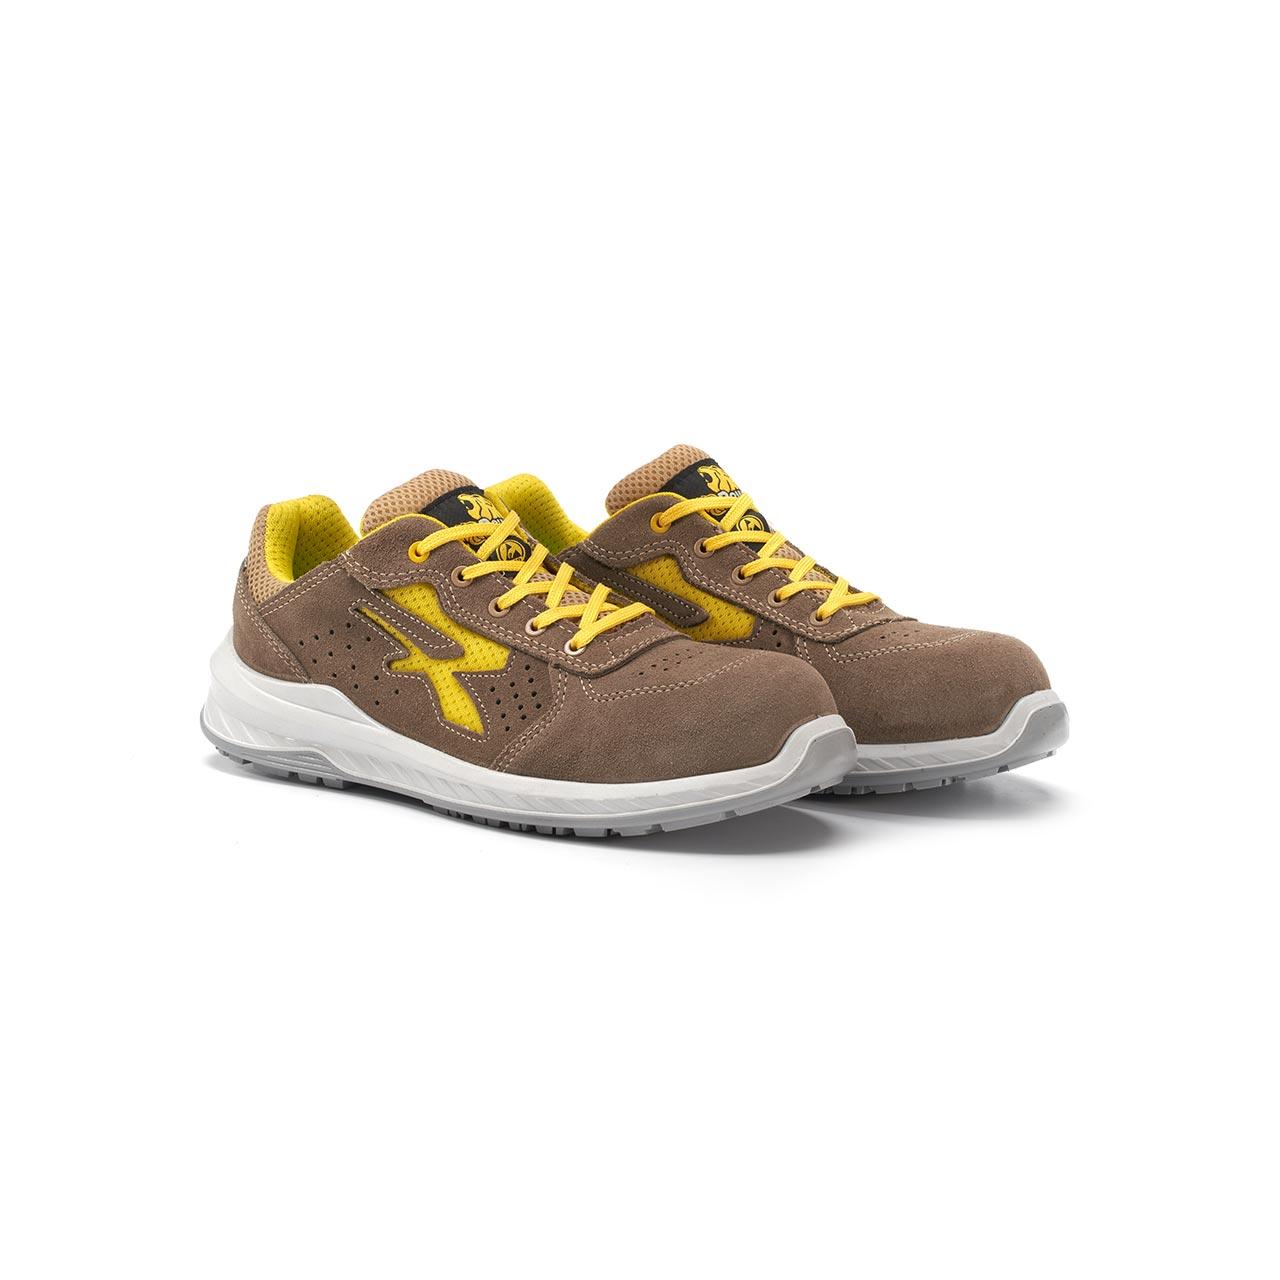 paio di scarpe antinfortunistiche upower modello reflex linea redindustry vista prospettica